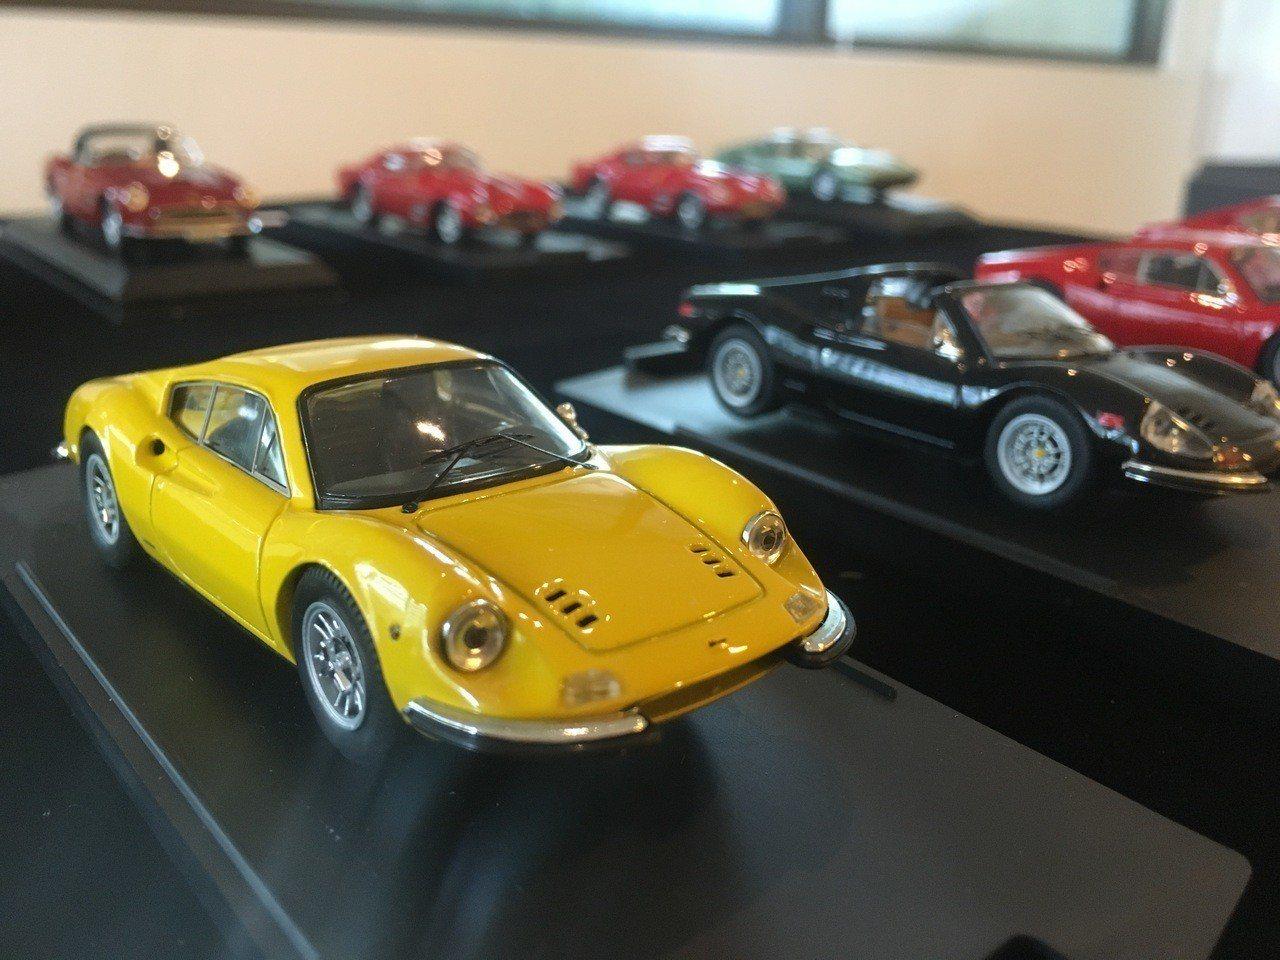 法拉利模型車展,展出88部經典收藏。圖/長榮鳳凰(礁溪)提供